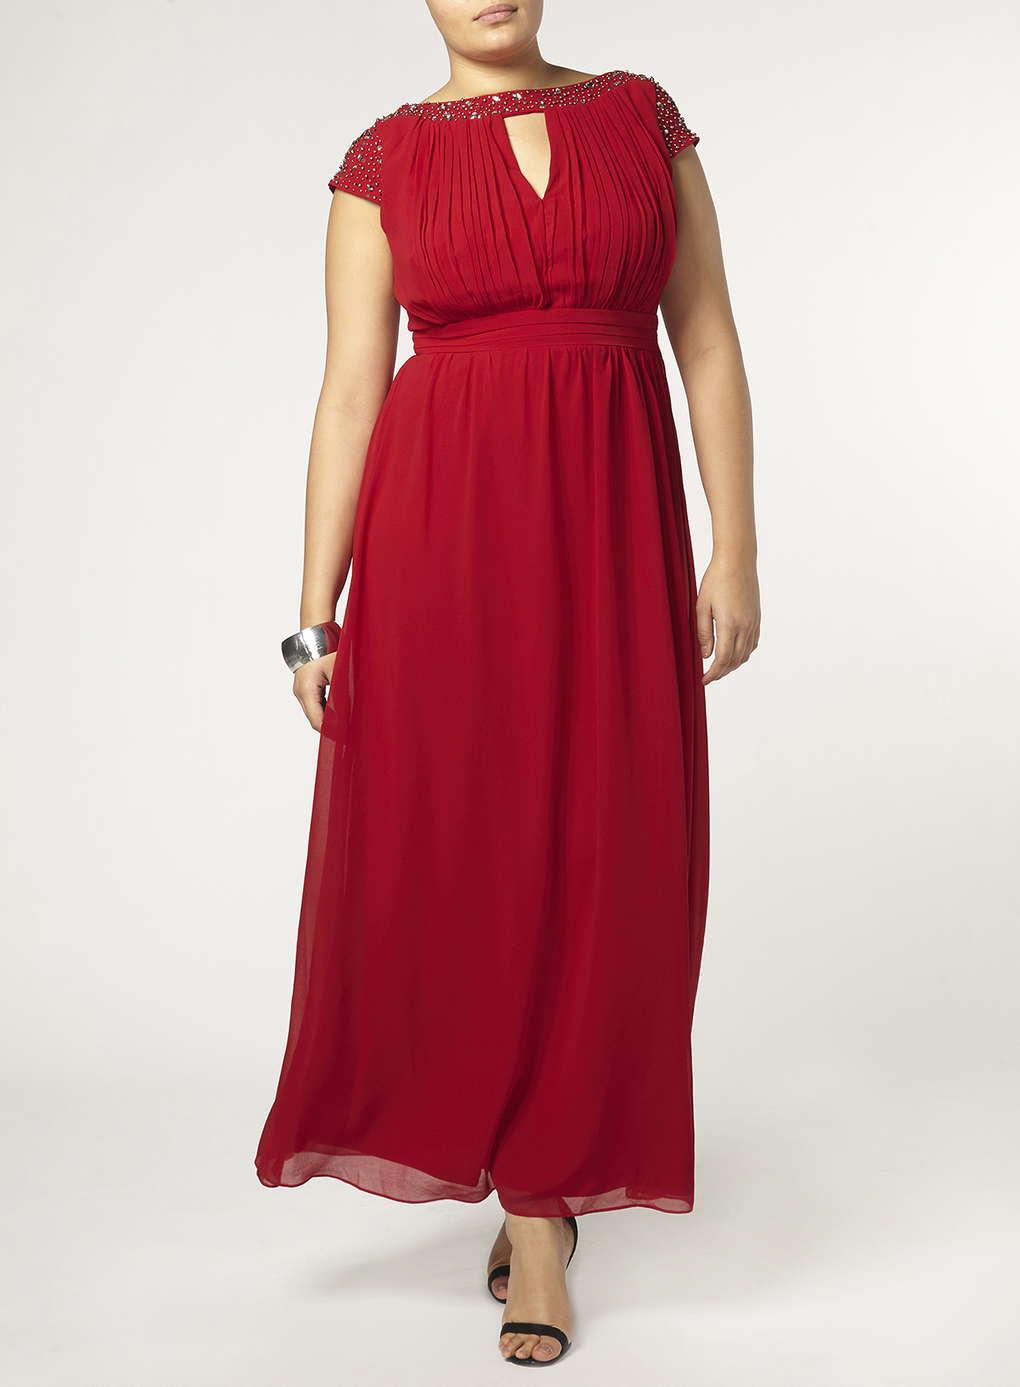 Büyük Beden Uzun Abiye Elbise Modelleri - Gece Elbiseleri - plus size dresses (18)